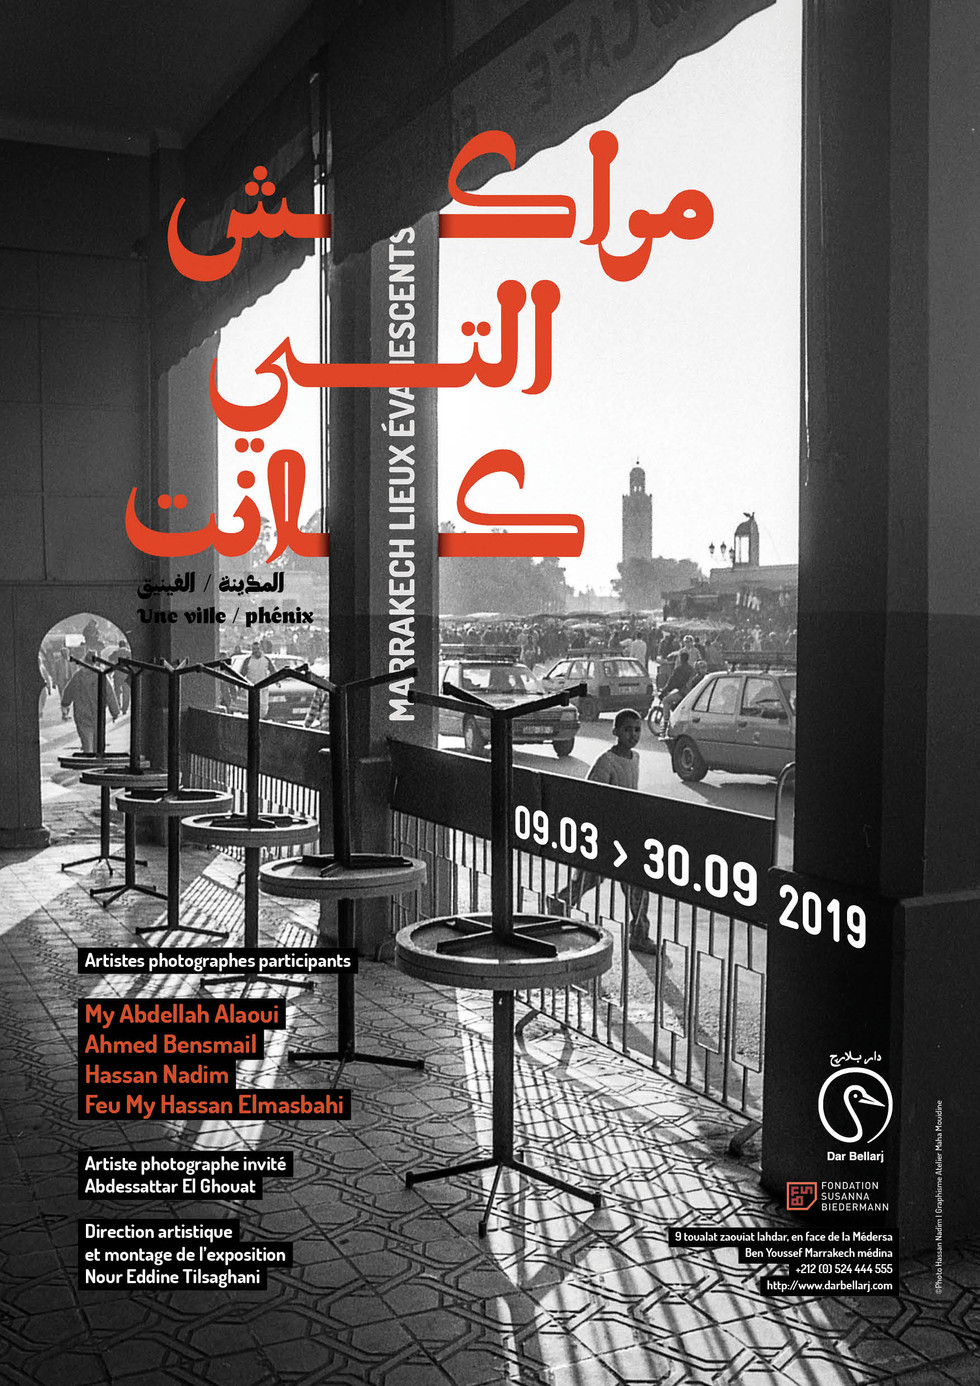 Affiche_A3_Marrakech web .jpg